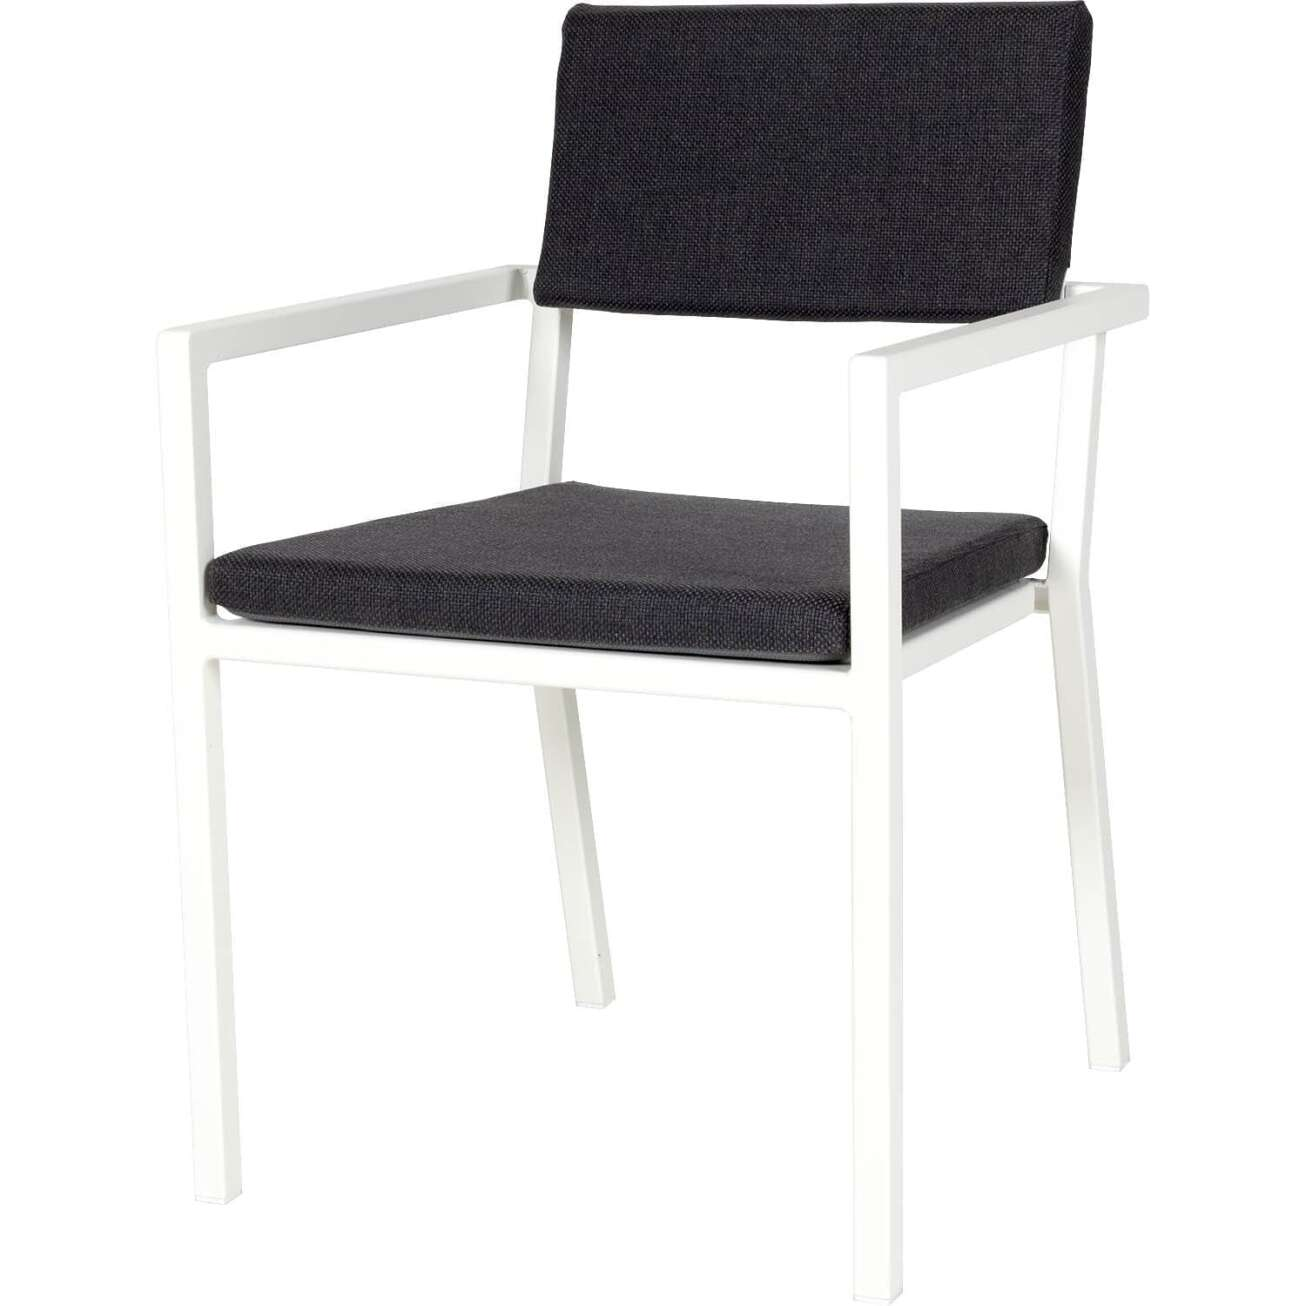 Sundays Frame spisestol i hvit aluminium med svarte puter